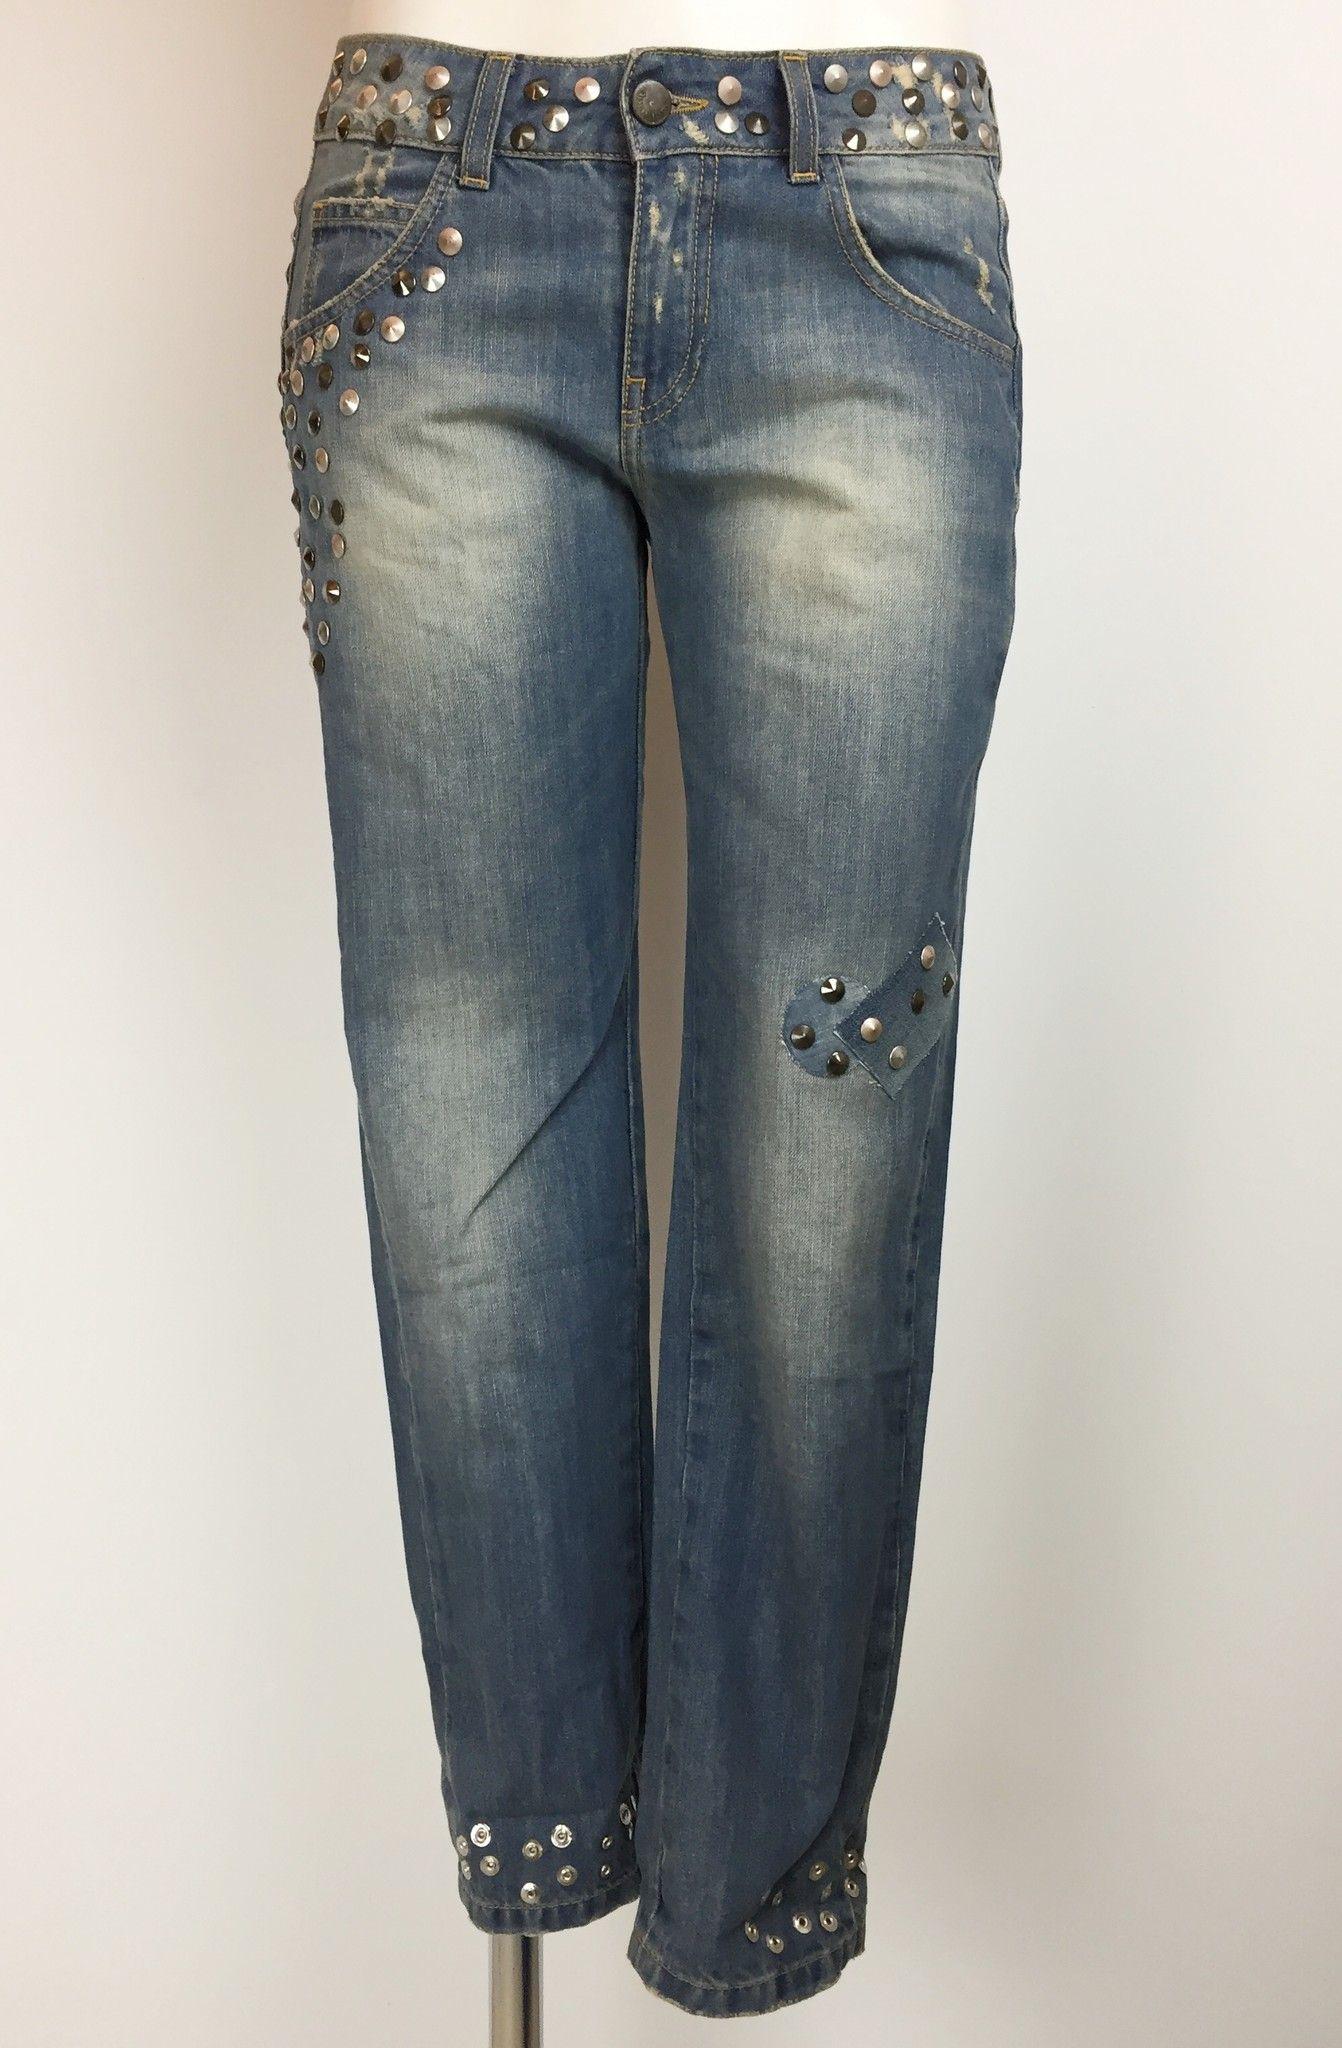 Jeans Adele Fado Modello Boyfriend con Borchie Cod.19922026